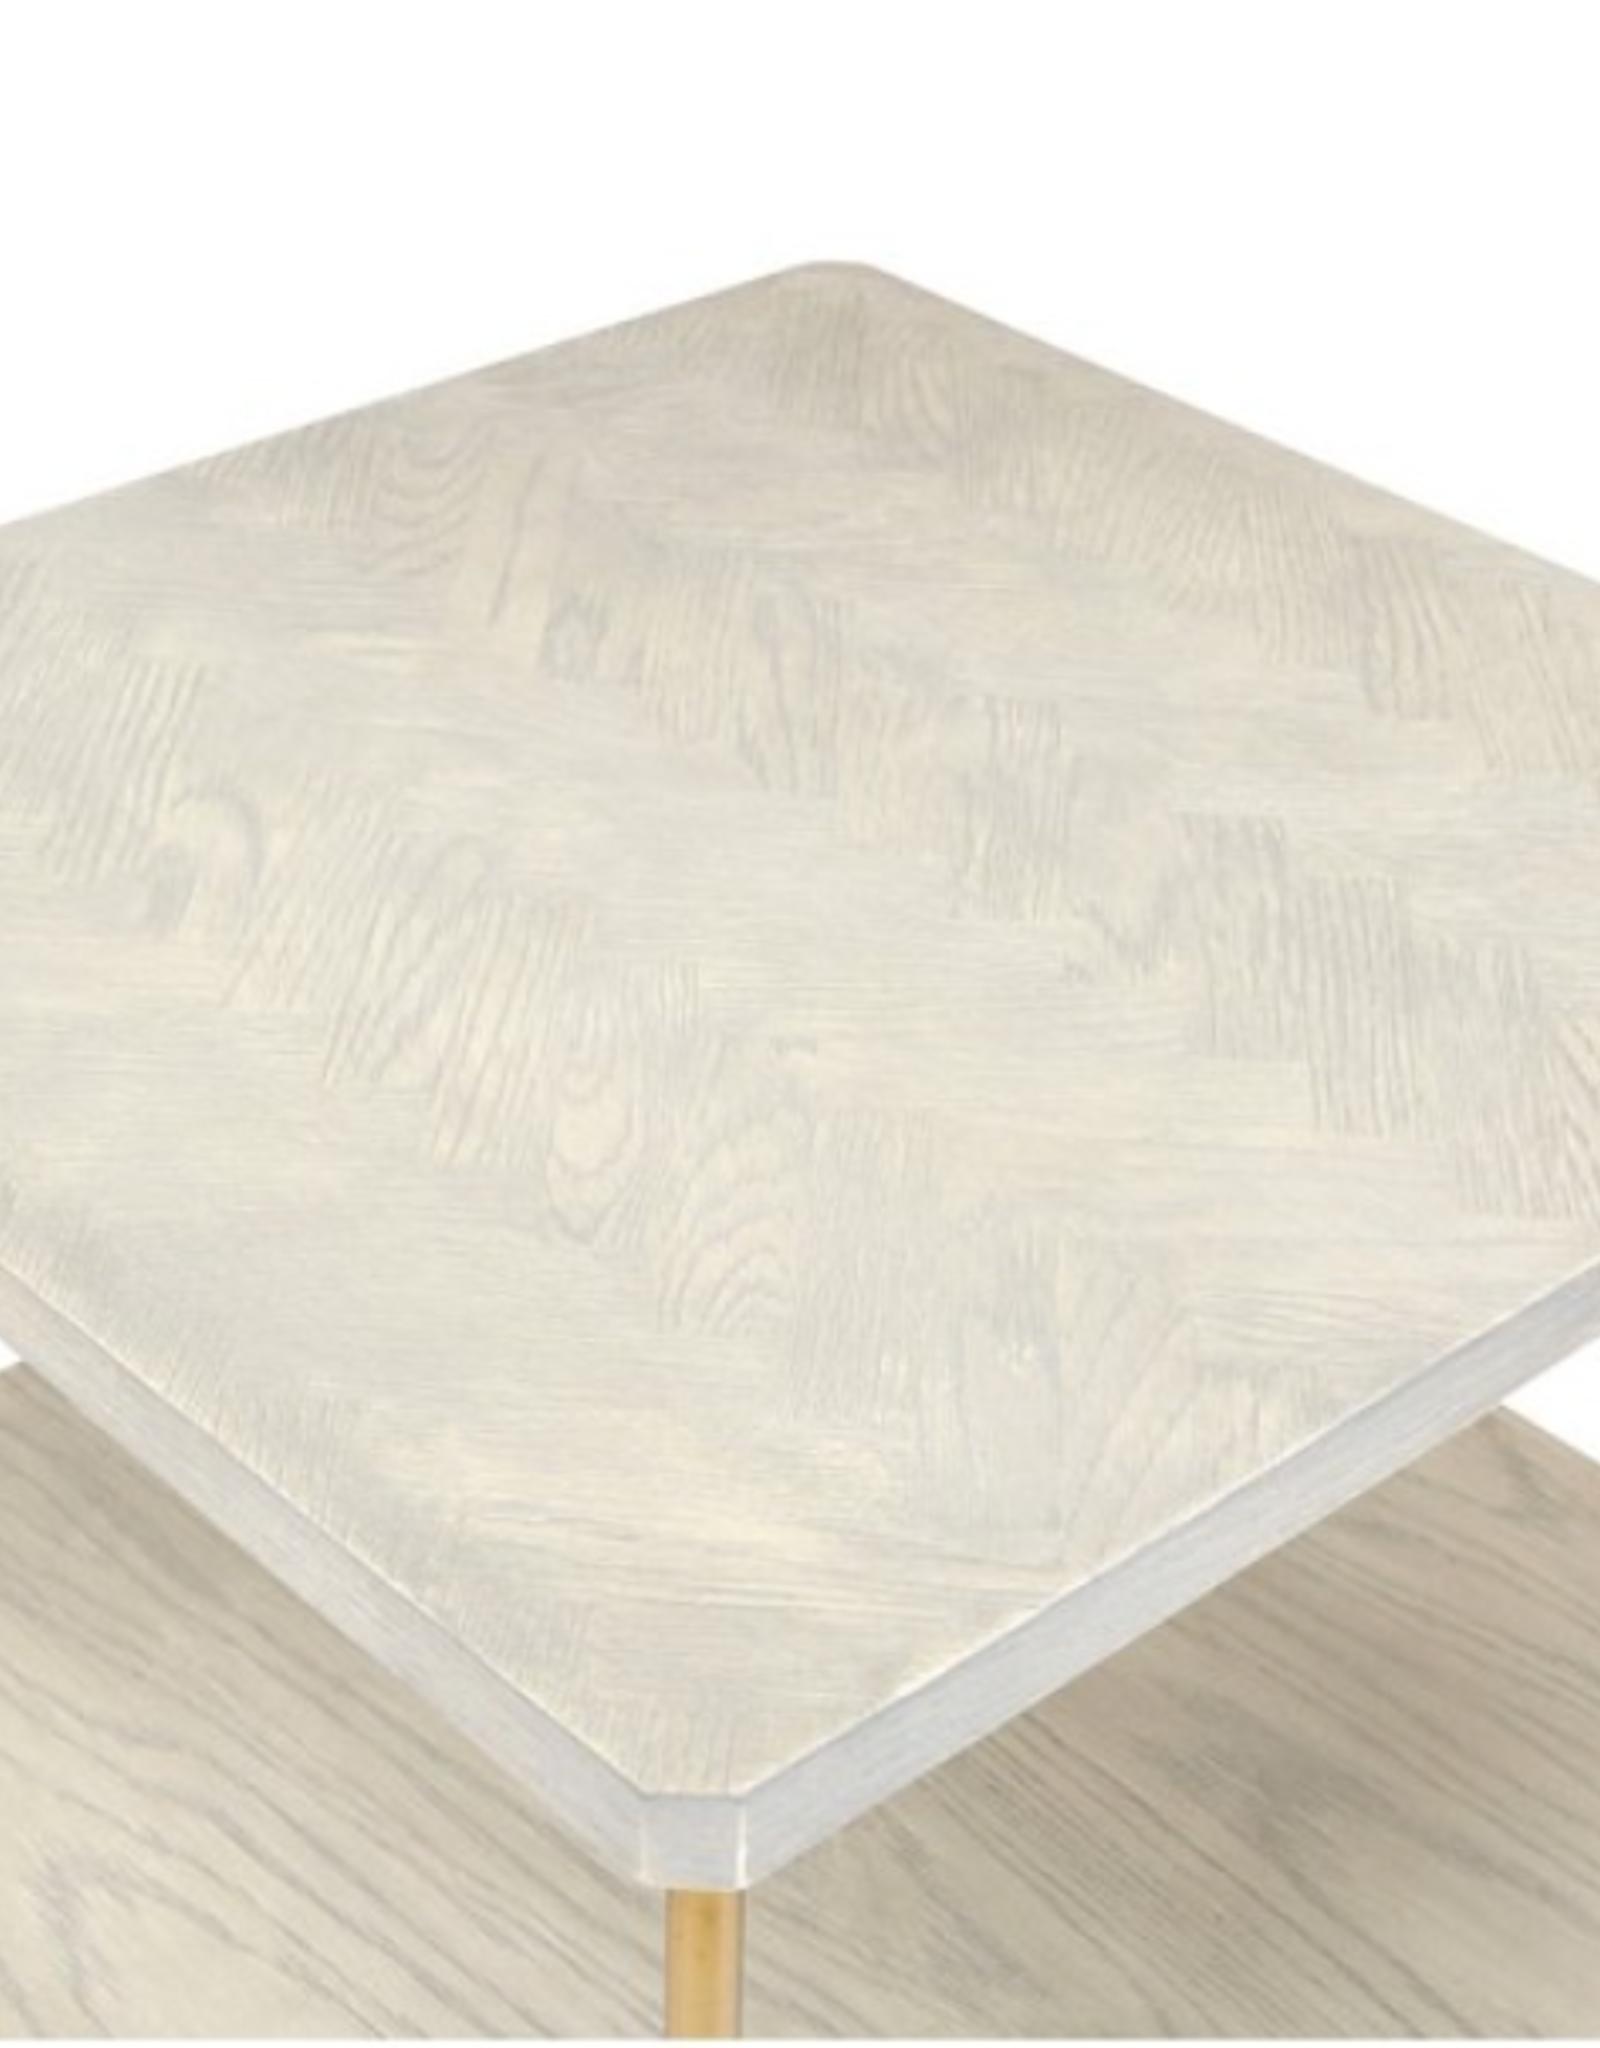 Seabrook Table